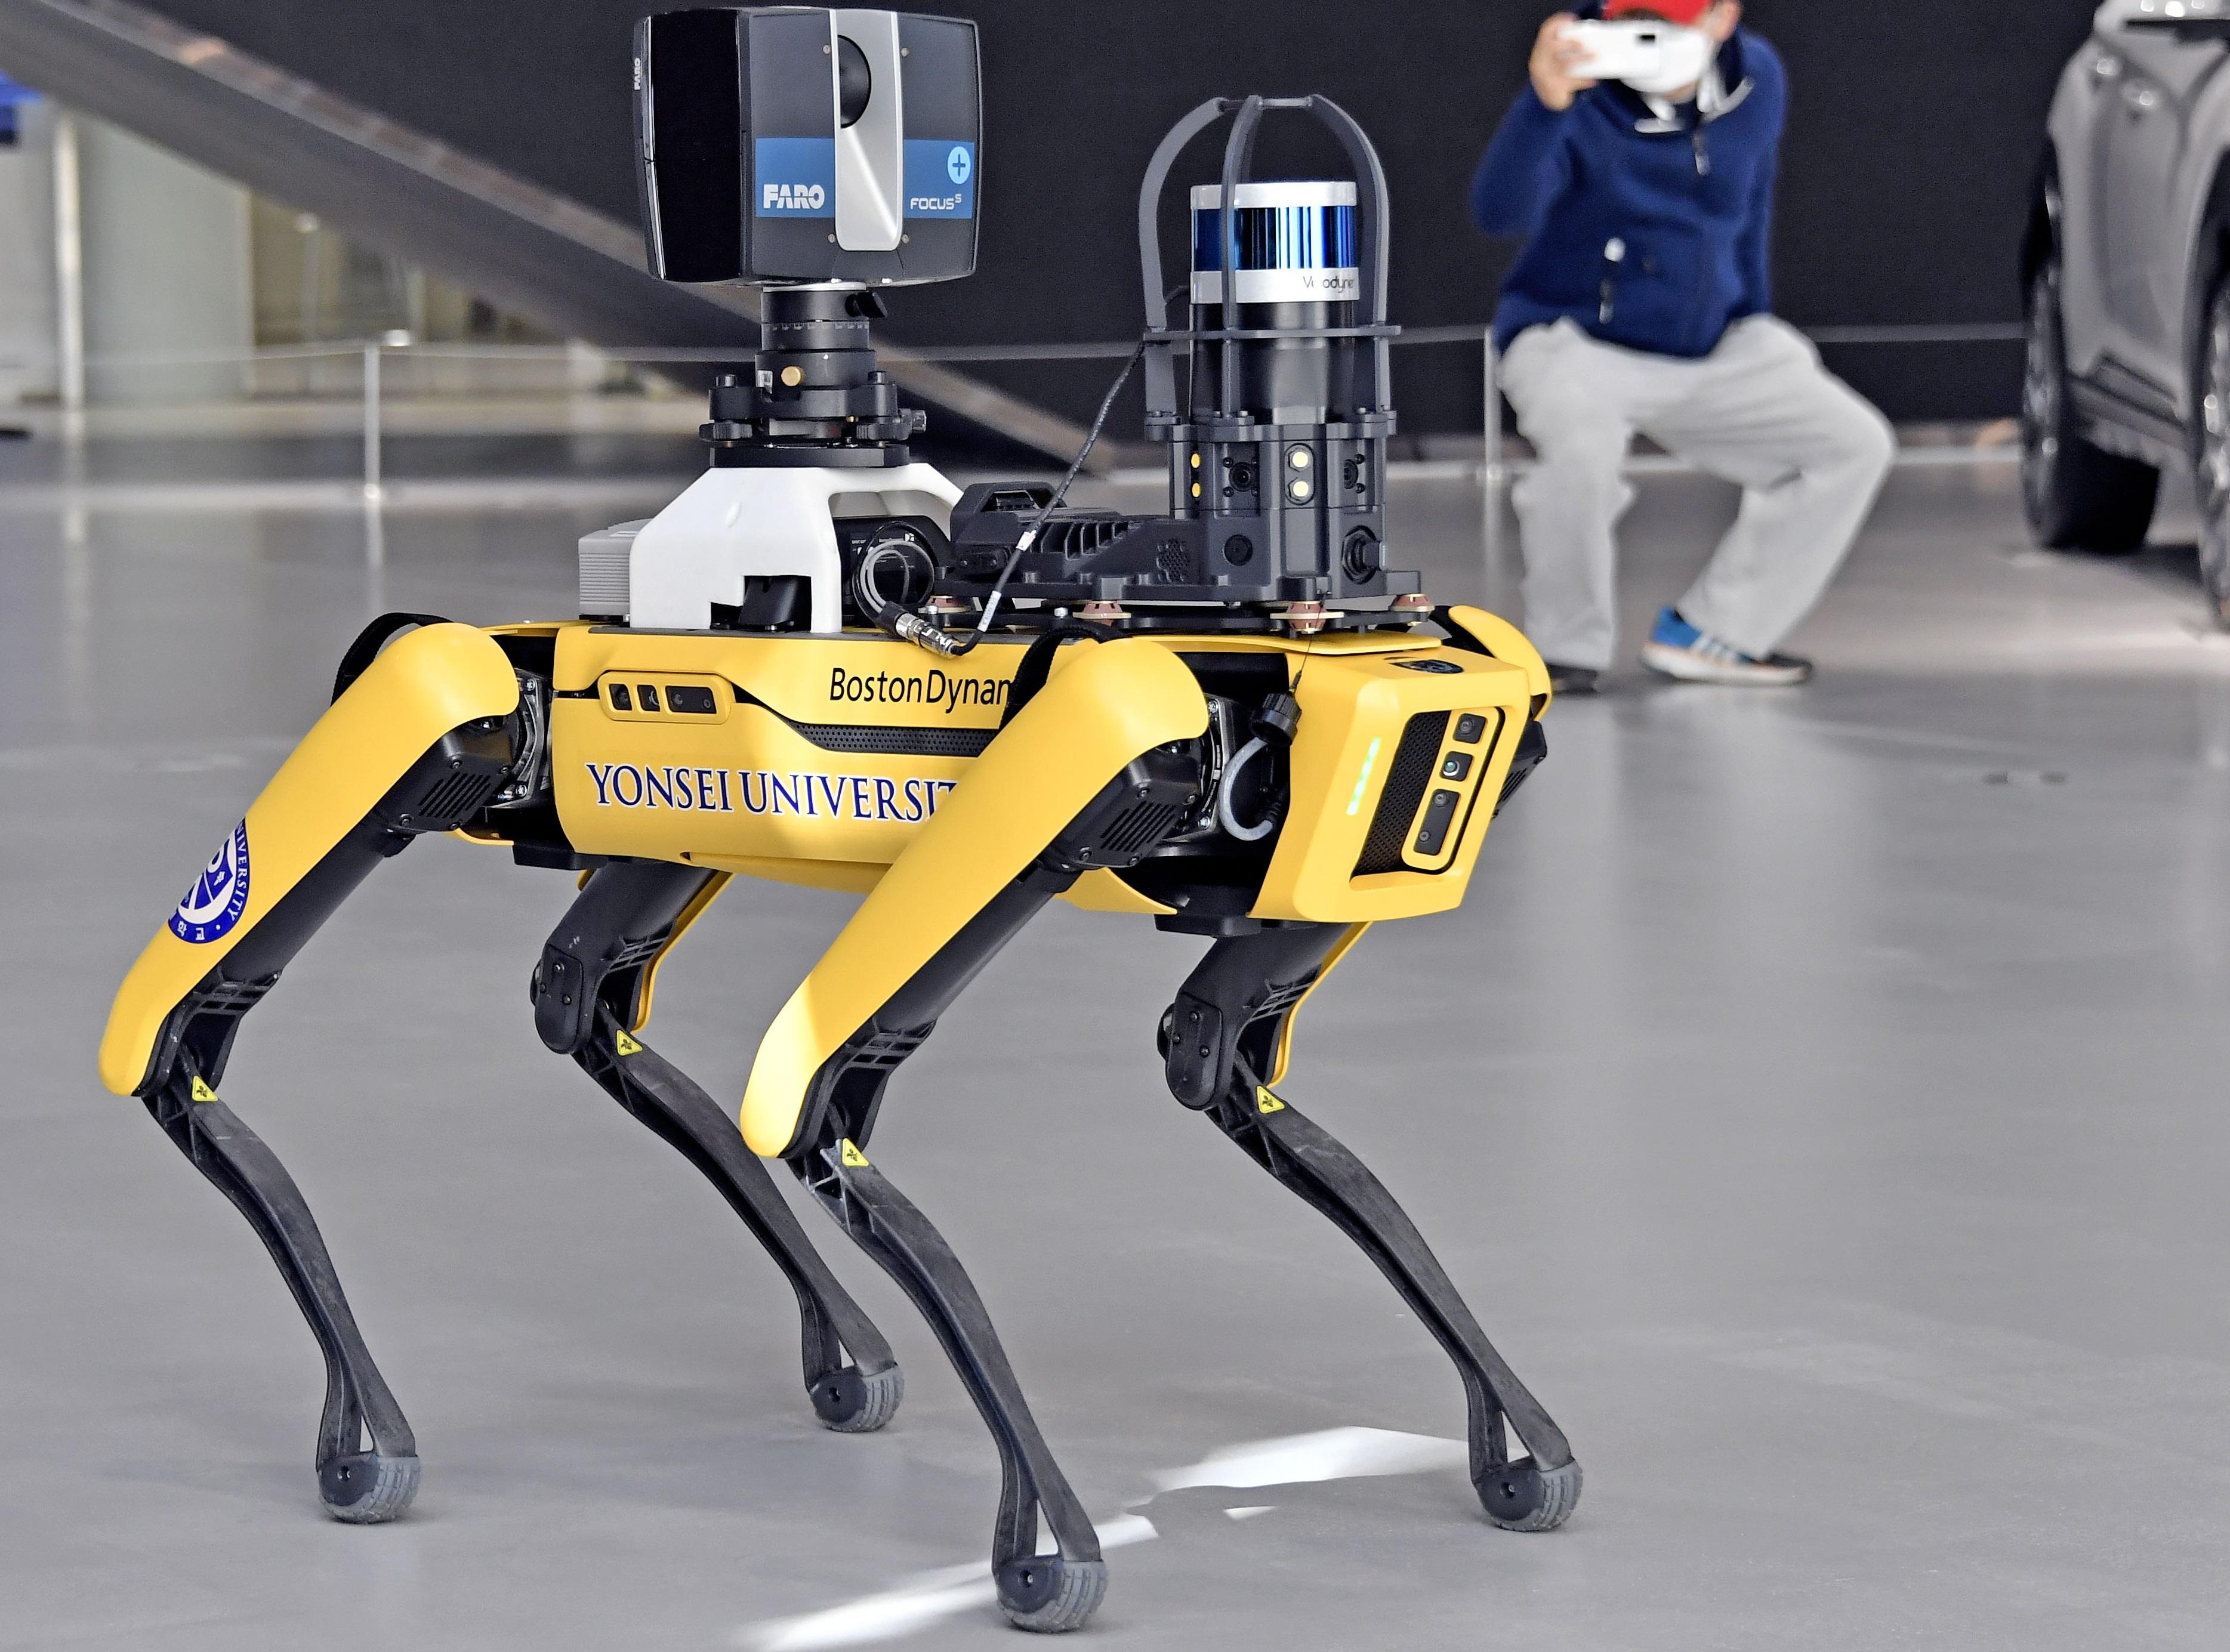 [프리뷰]단숨에 '글로벌 키 플레이어'로…정의선 회장의 로봇 승부수